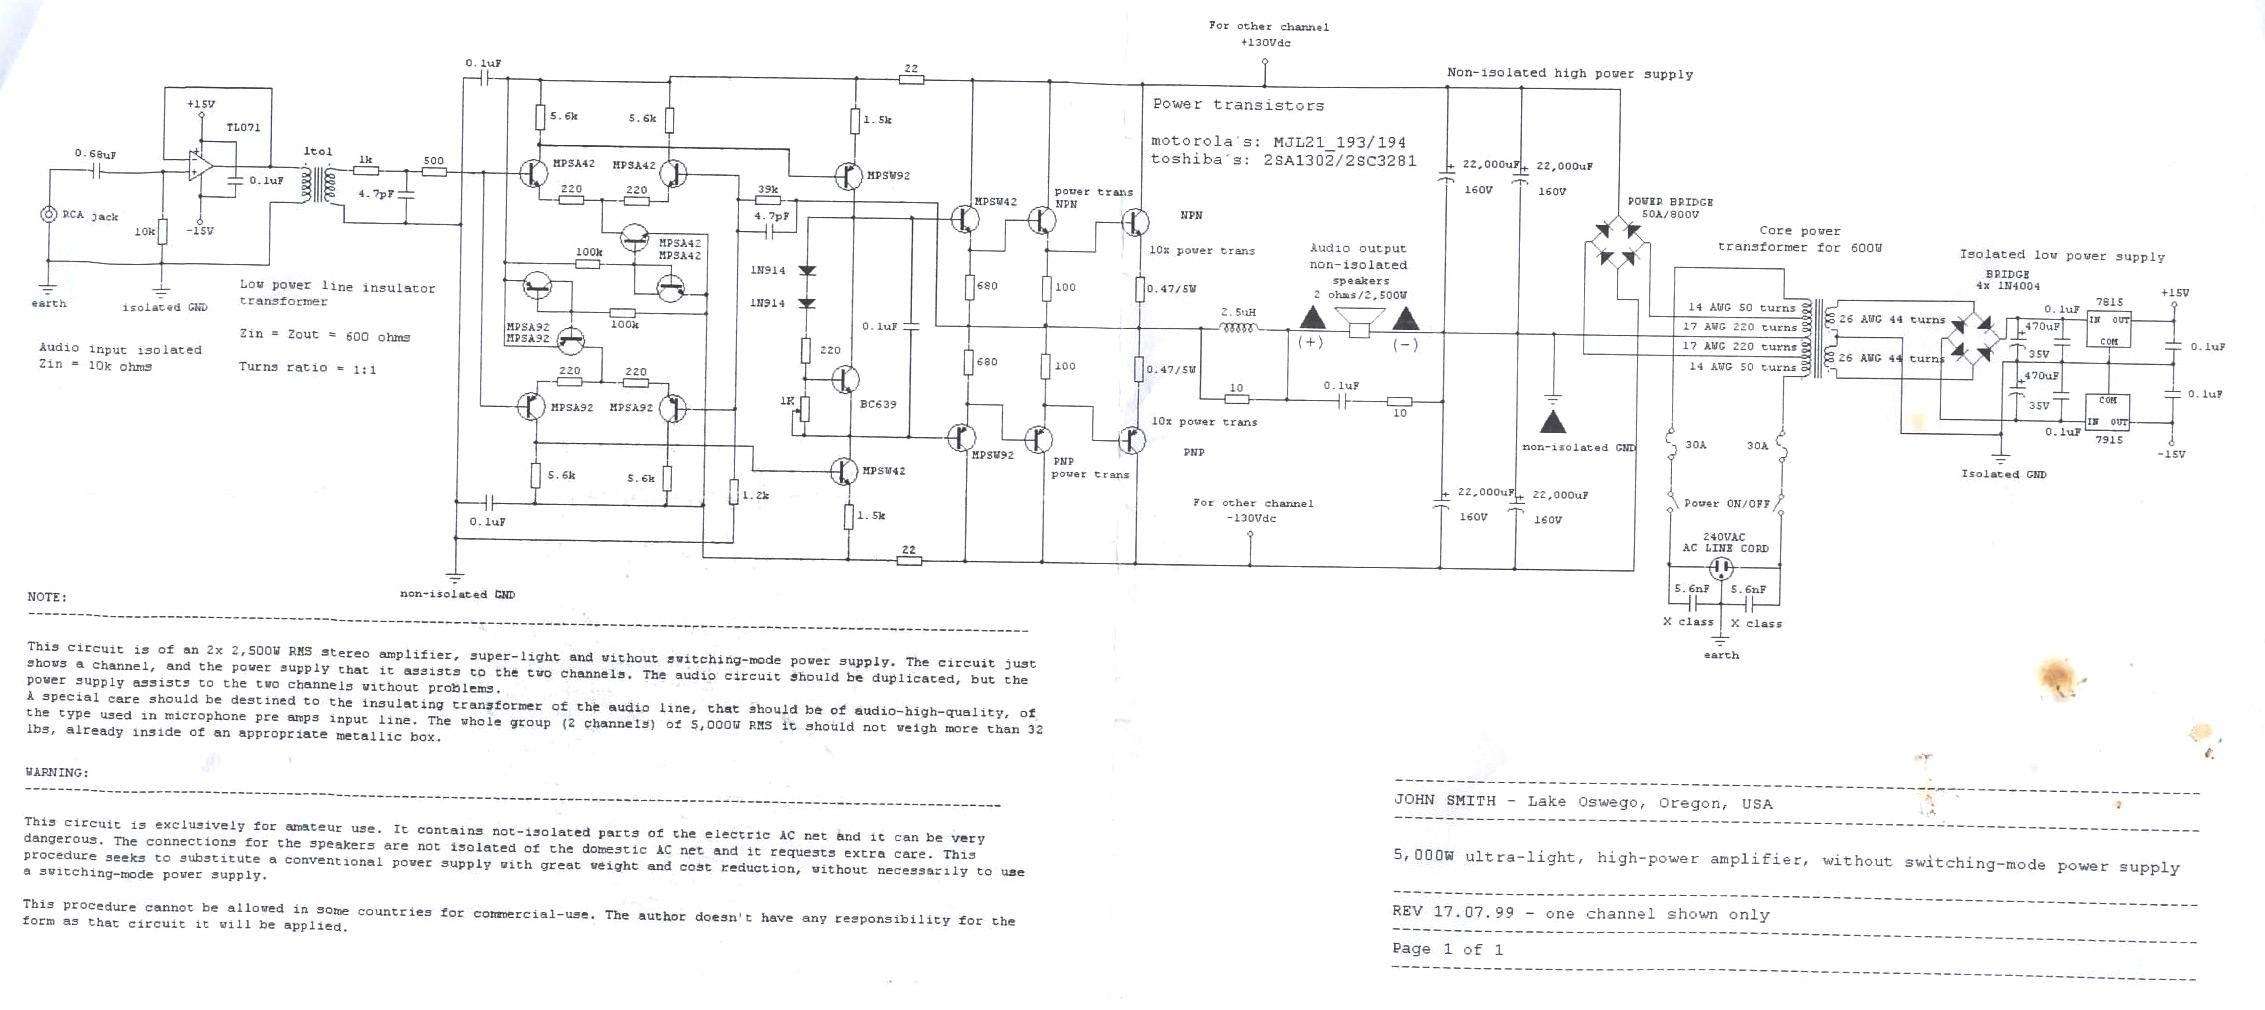 Rangkaian Power Amplifier Daya Tinggi 5000 Watt » Skemaku com